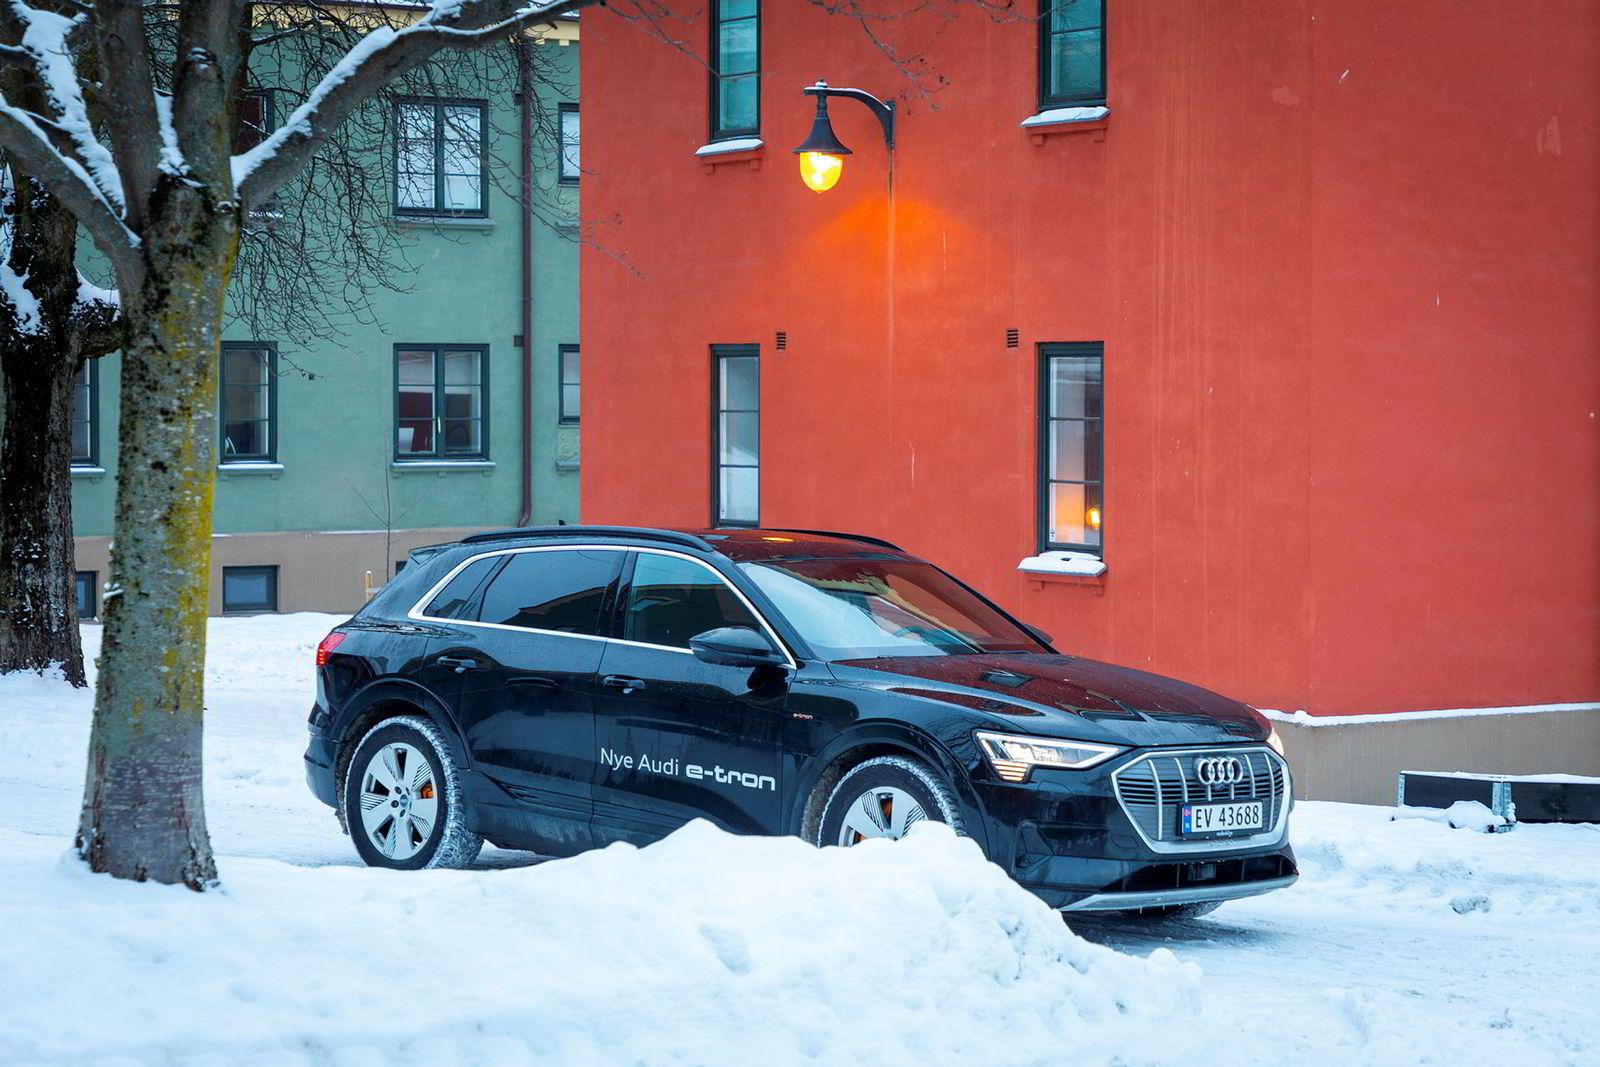 7500 nordmenn reserverte en plass i køen for Audi E-tron. Nå er det ikke lenge til de første som har kjøpt bilen får den.